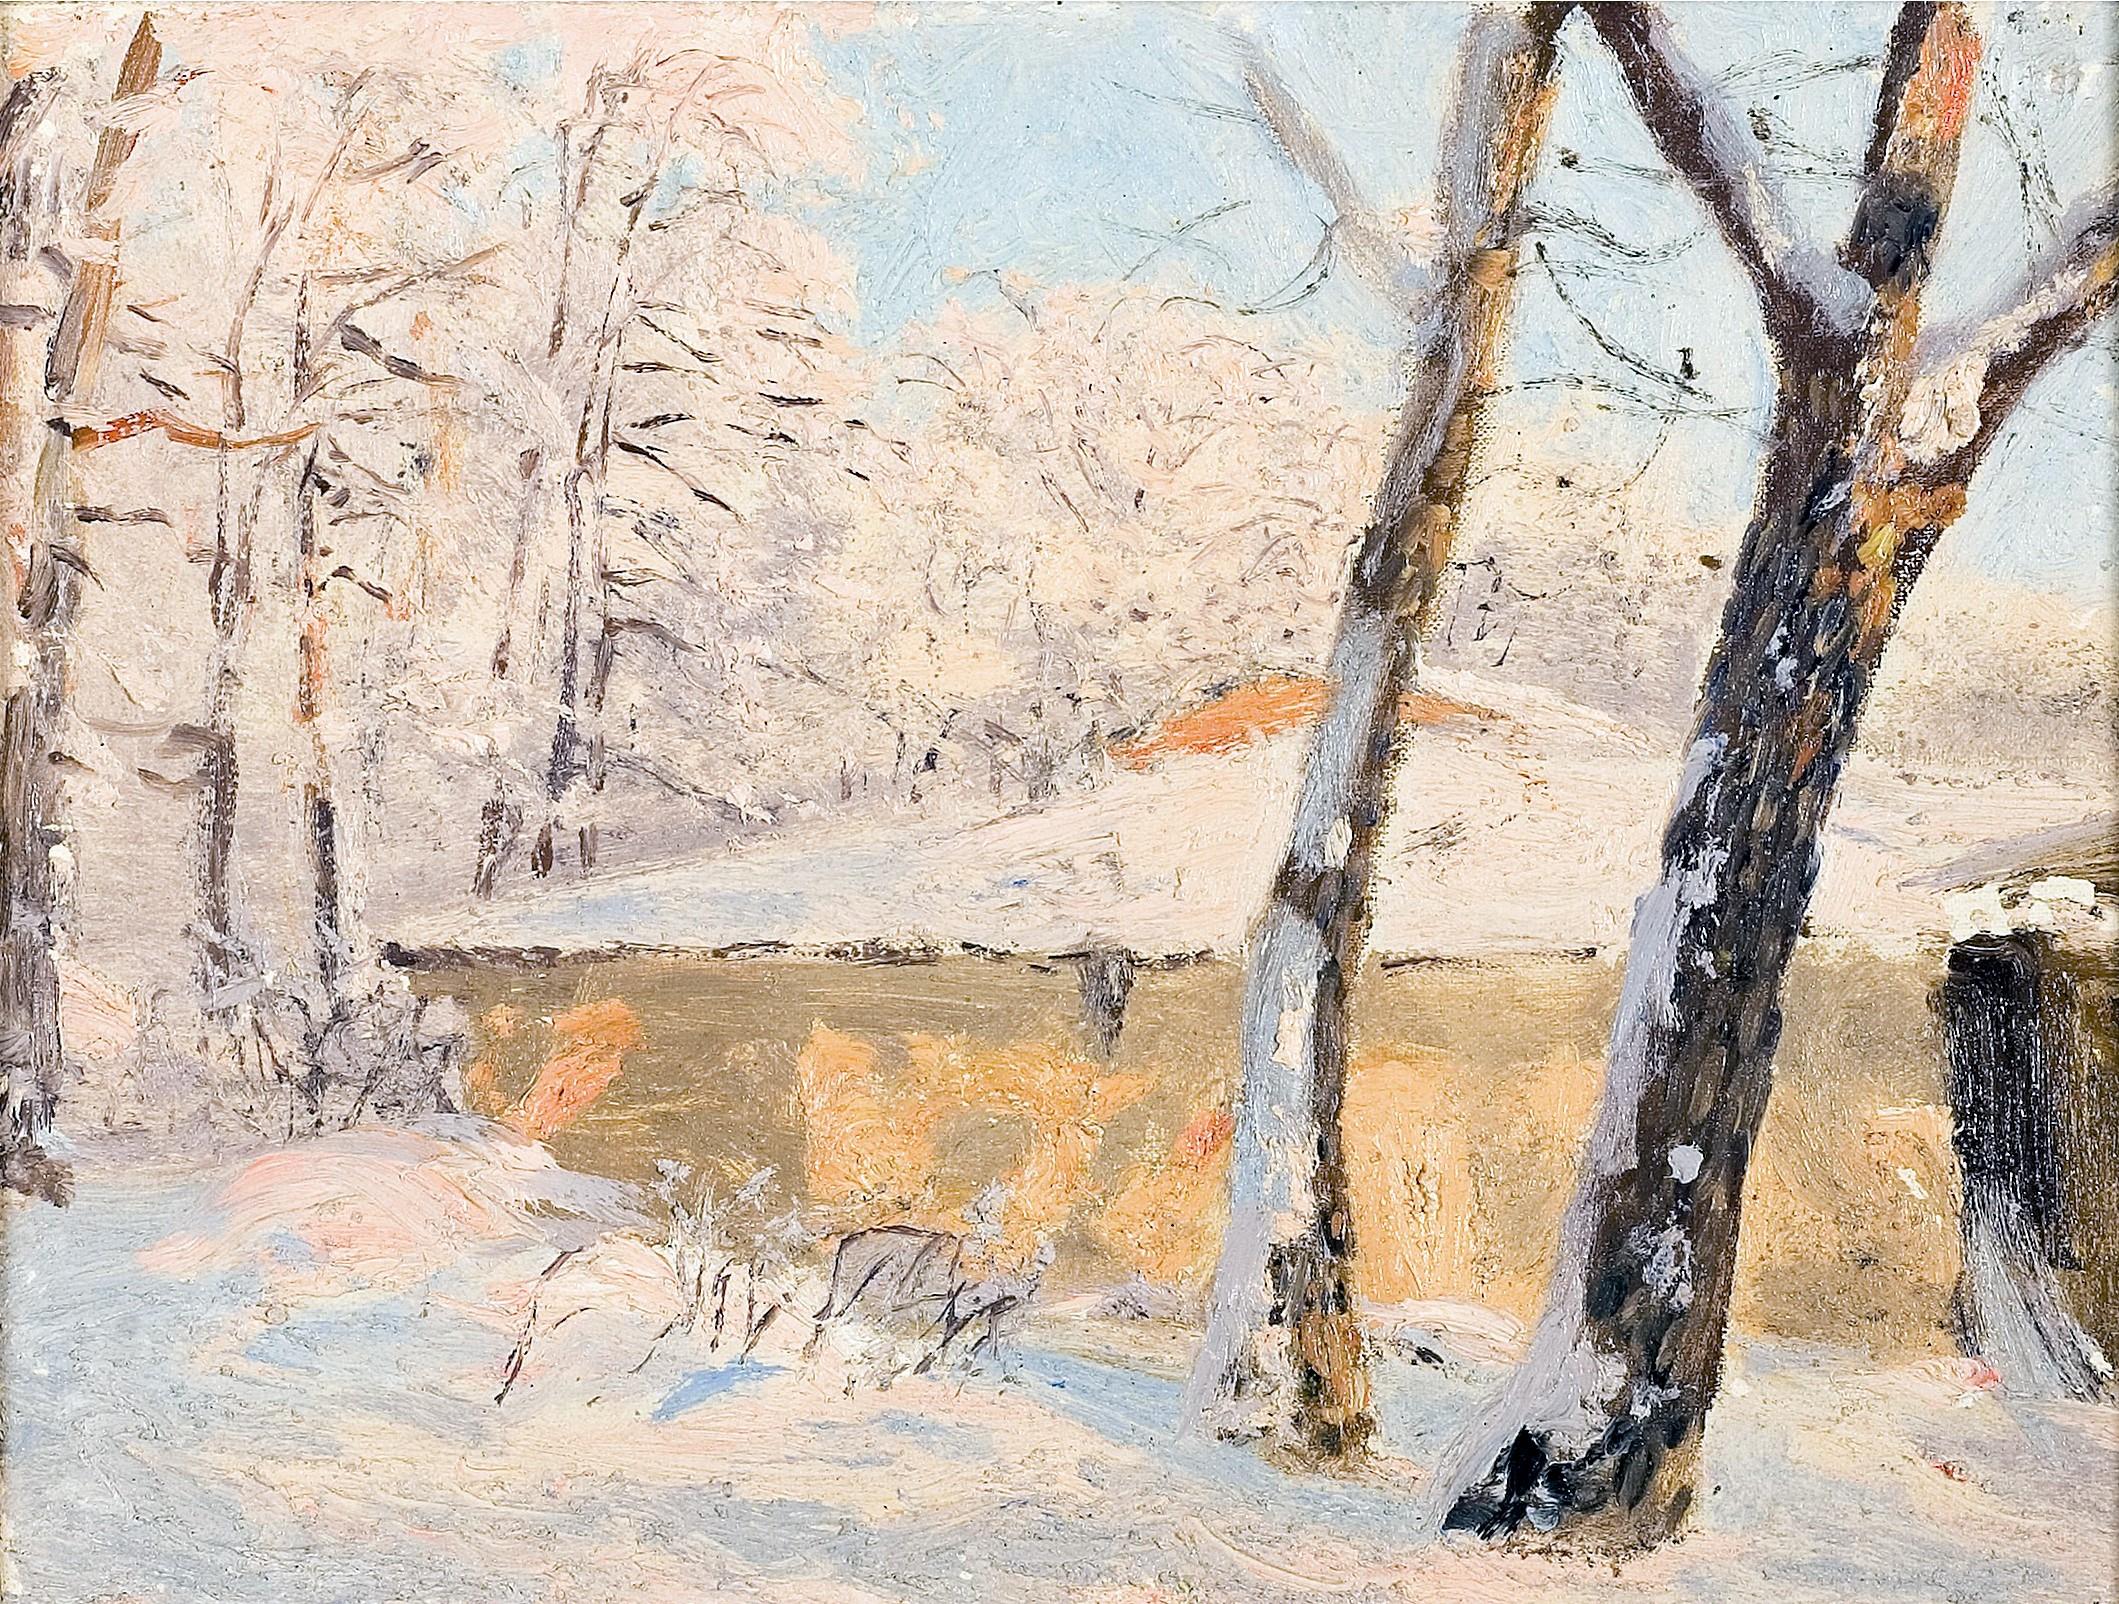 File:Nikolay Dubovskoy Derevya v snegu 1908.jpg.